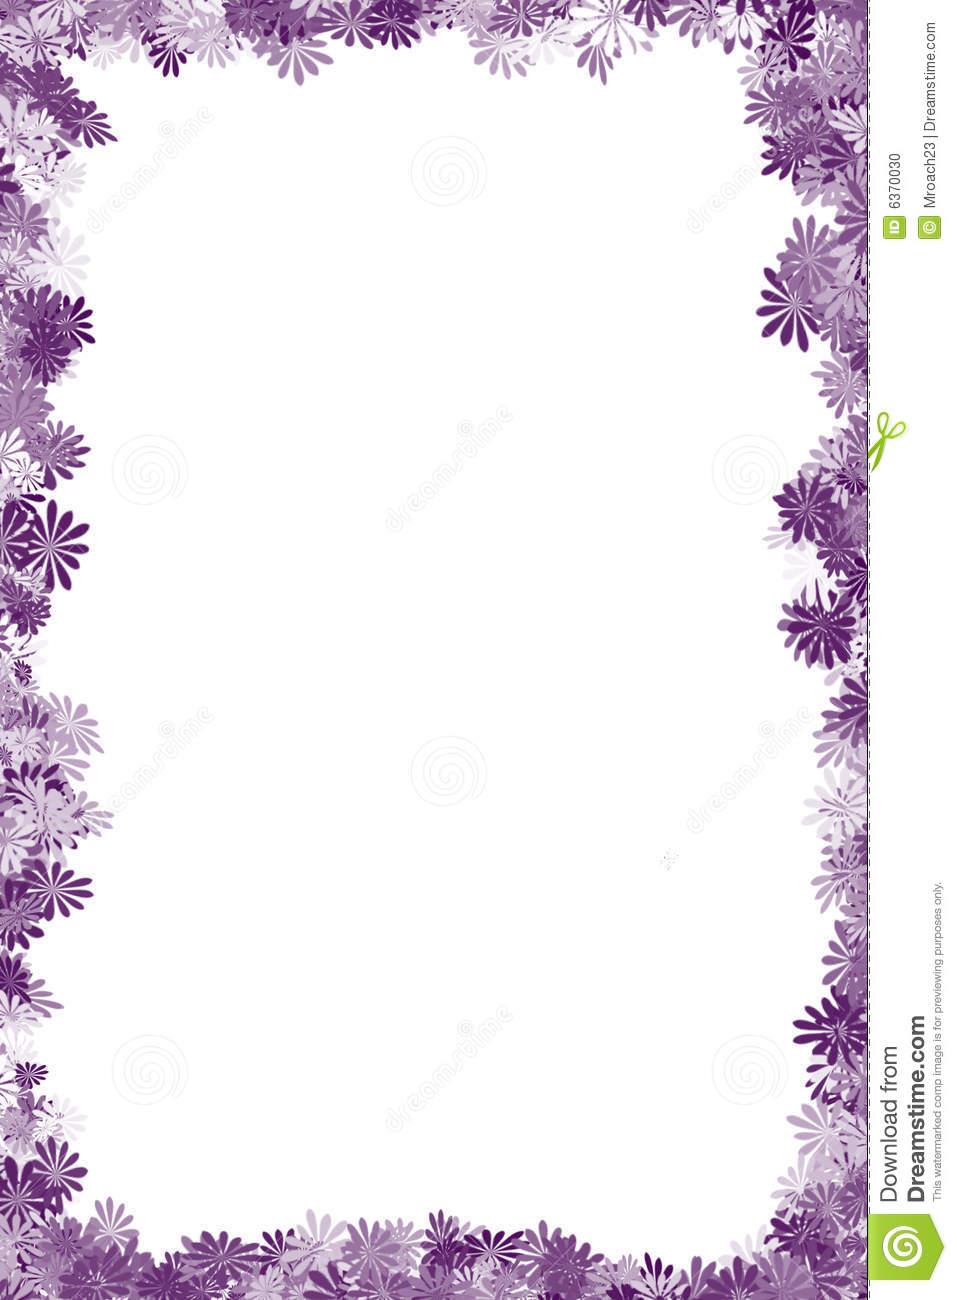 Flower border download image freeuse download Purple Flower Border Clipart - Clipart Kid image freeuse download